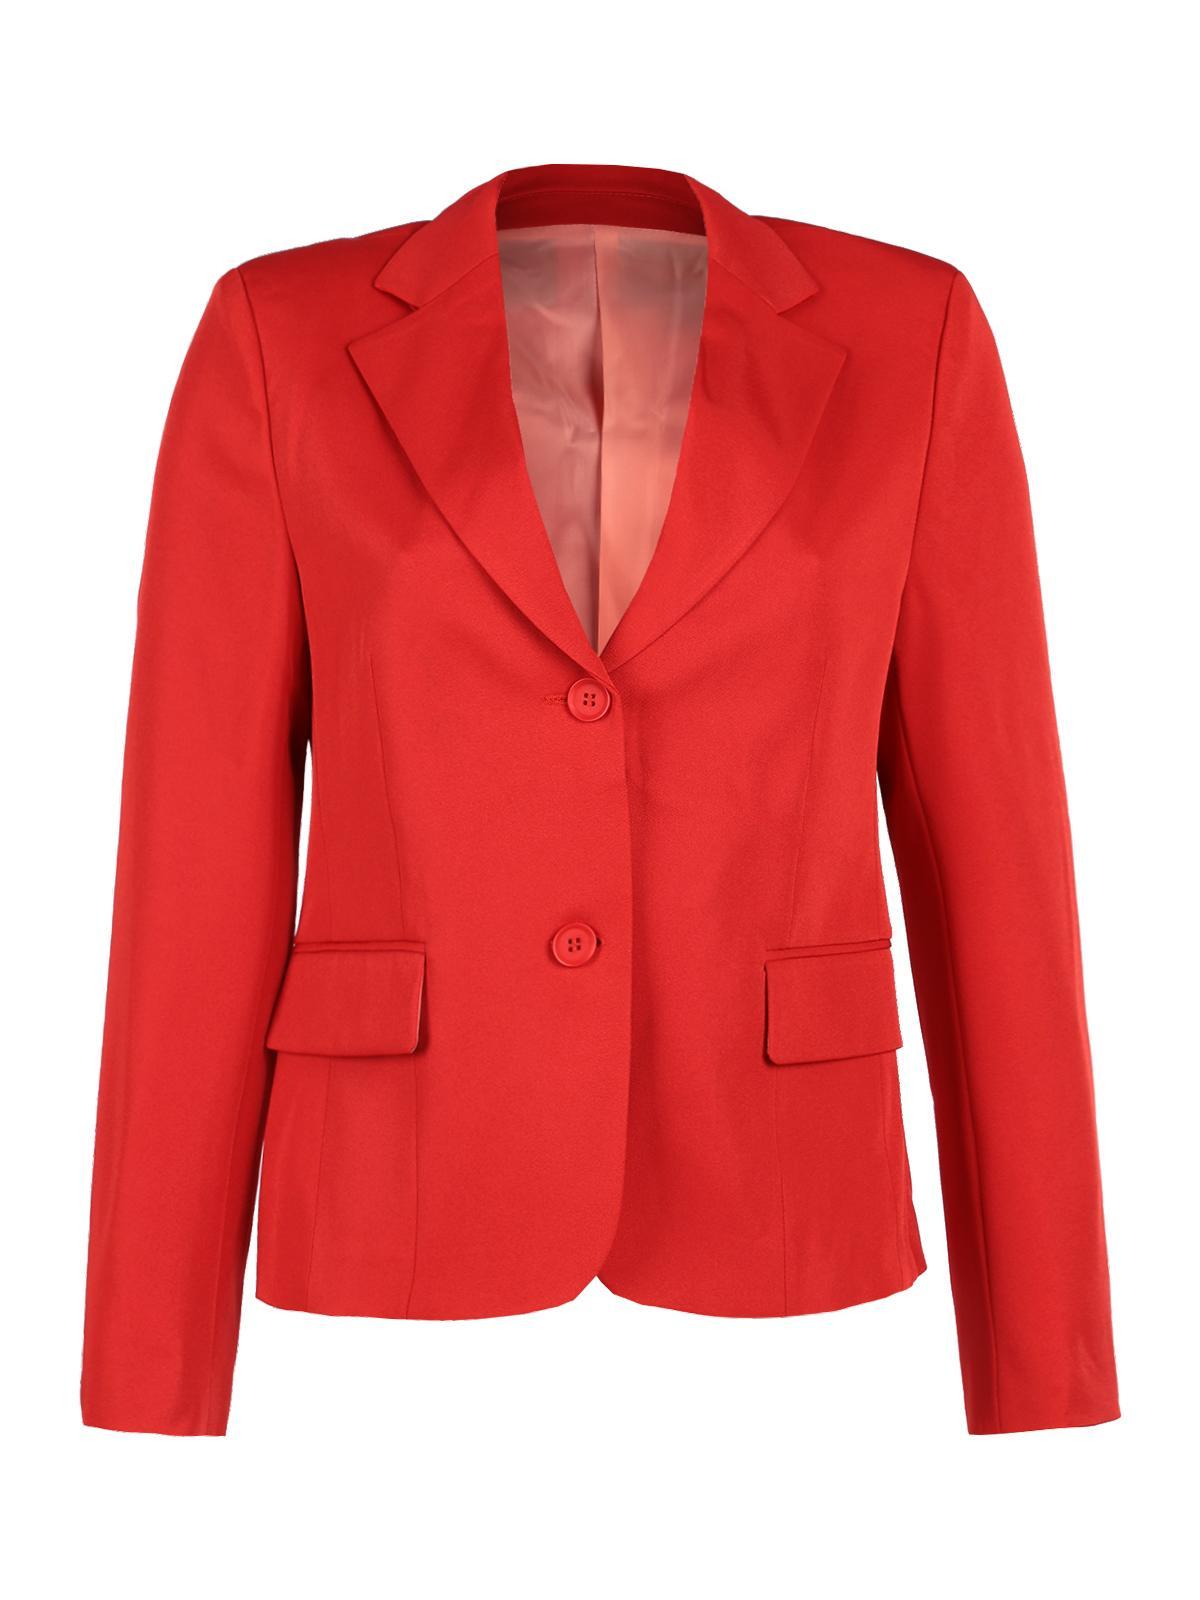 new product edb90 fee4b Giacca rossa elegante radaus | MecShopping